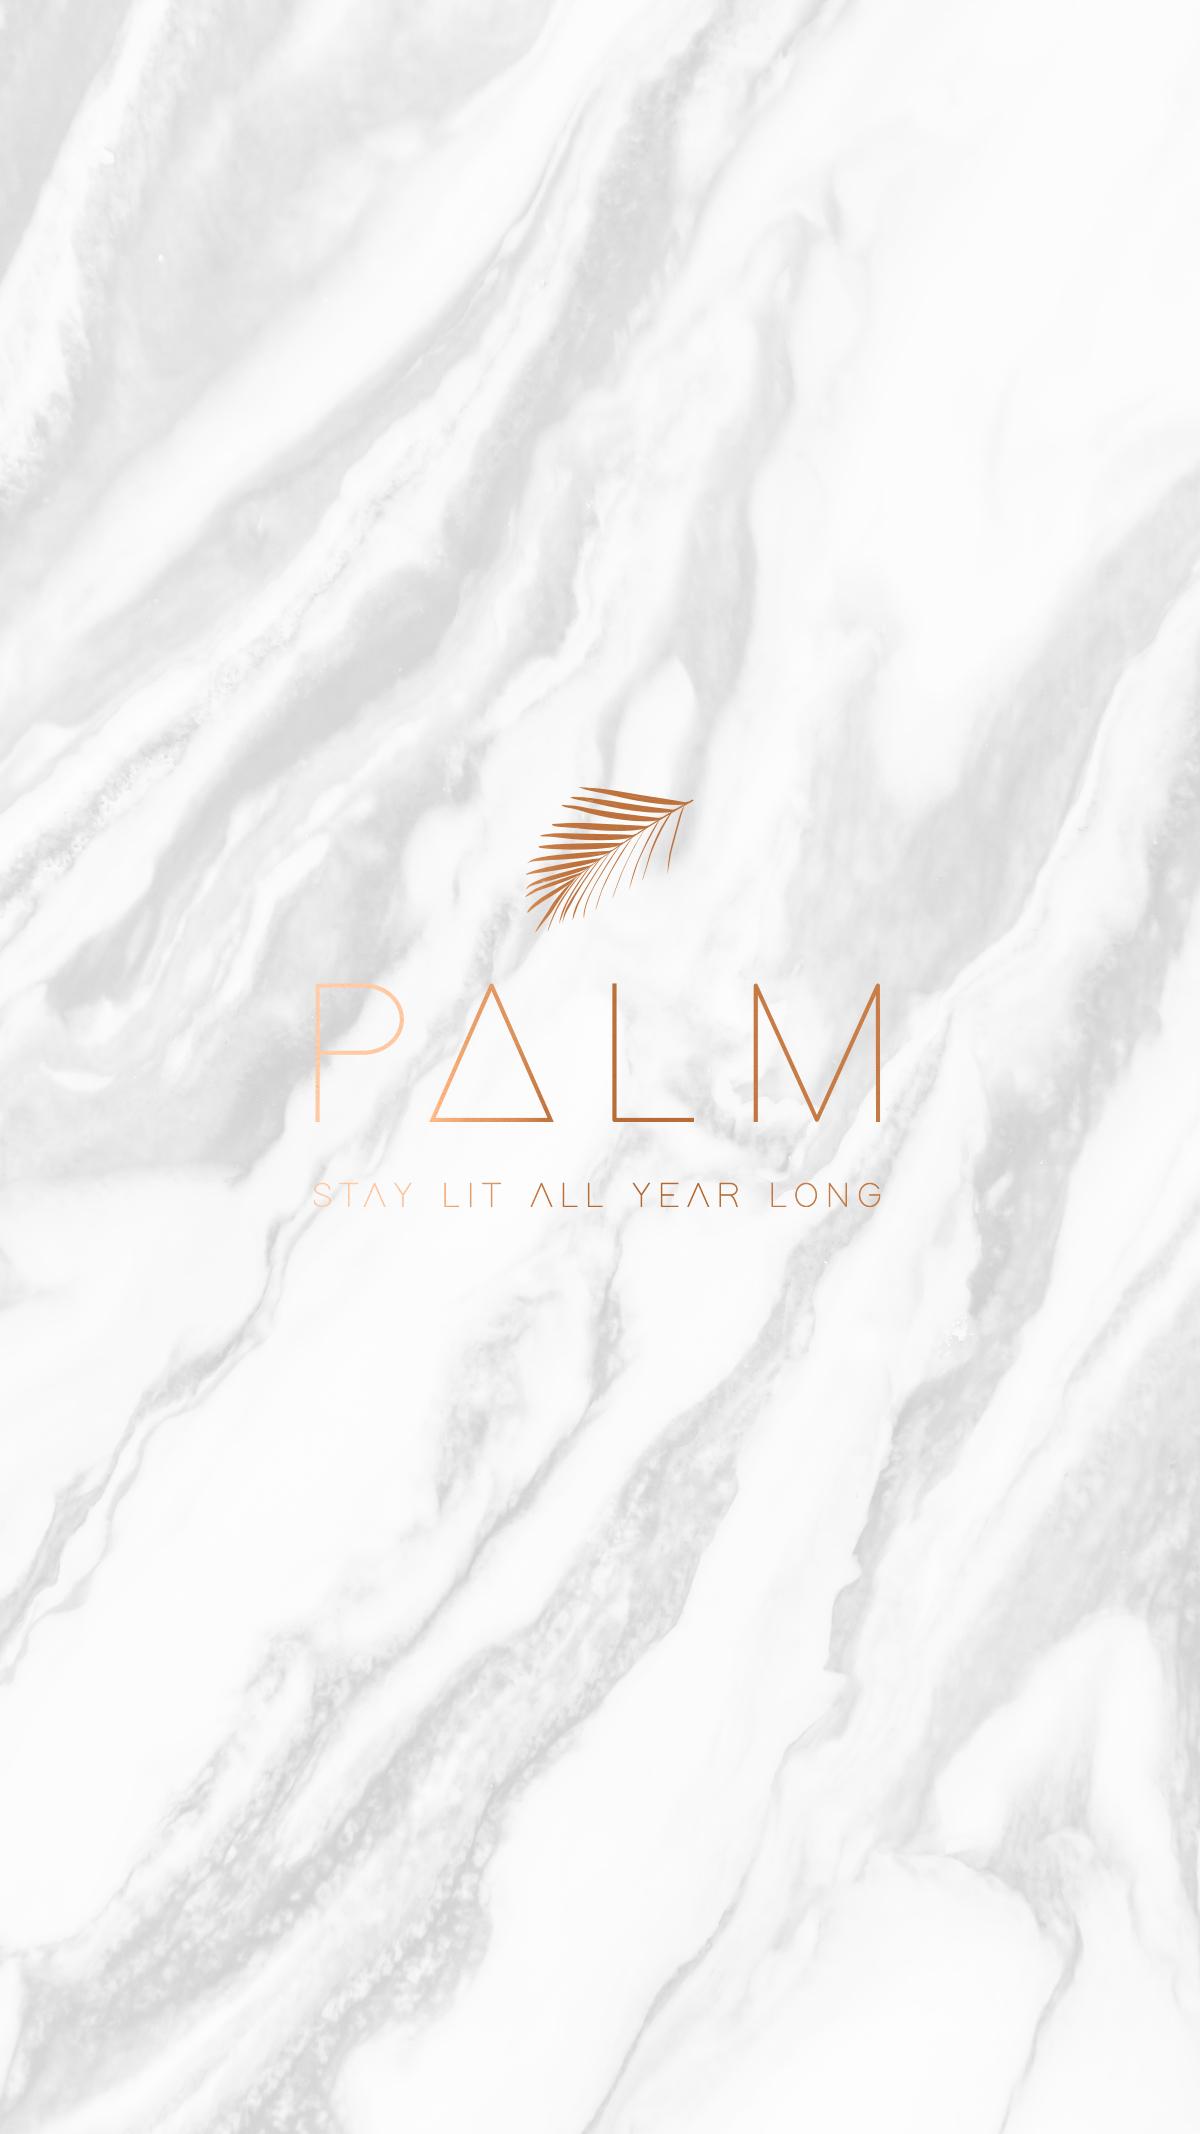 palm_logo.jpg